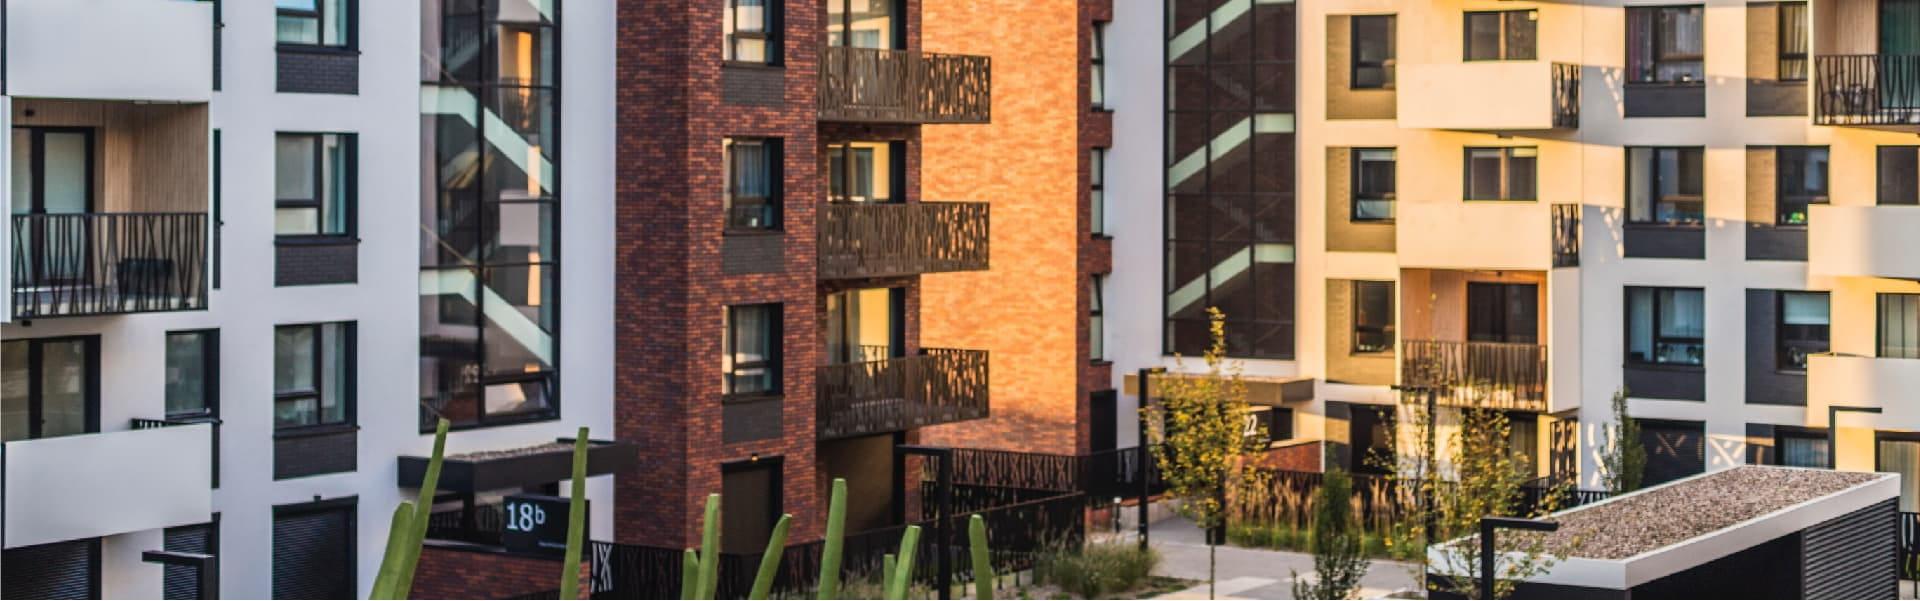 Puertas para edificios y comunidades de vecinos